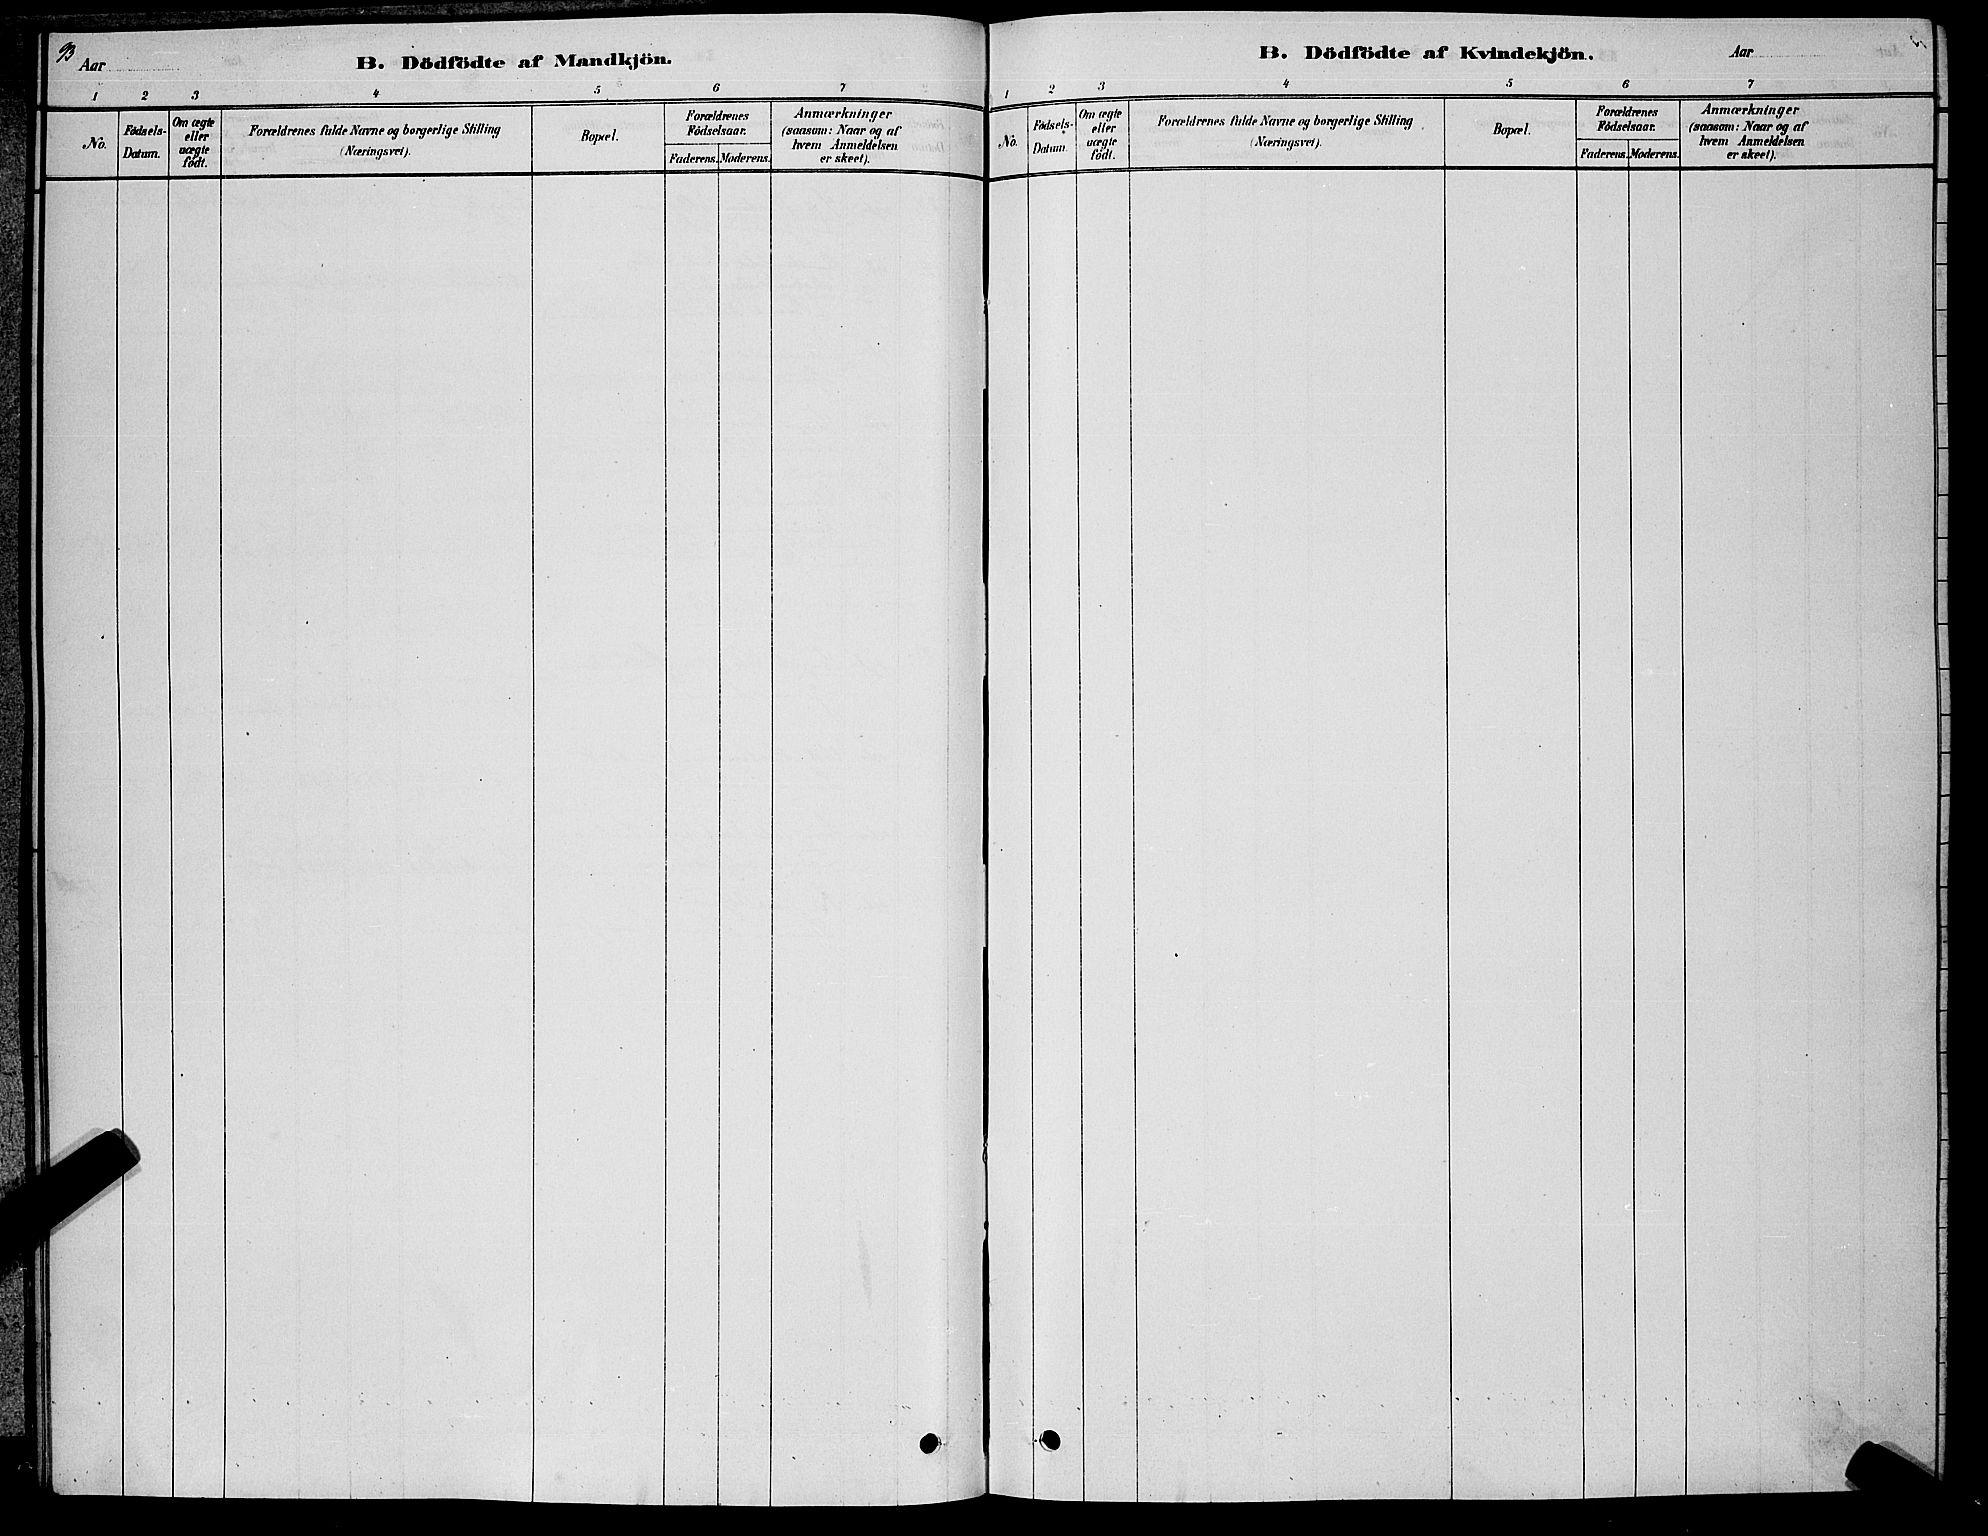 SAKO, Kongsberg kirkebøker, G/Ga/L0005: Klokkerbok nr. 5, 1878-1889, s. 93